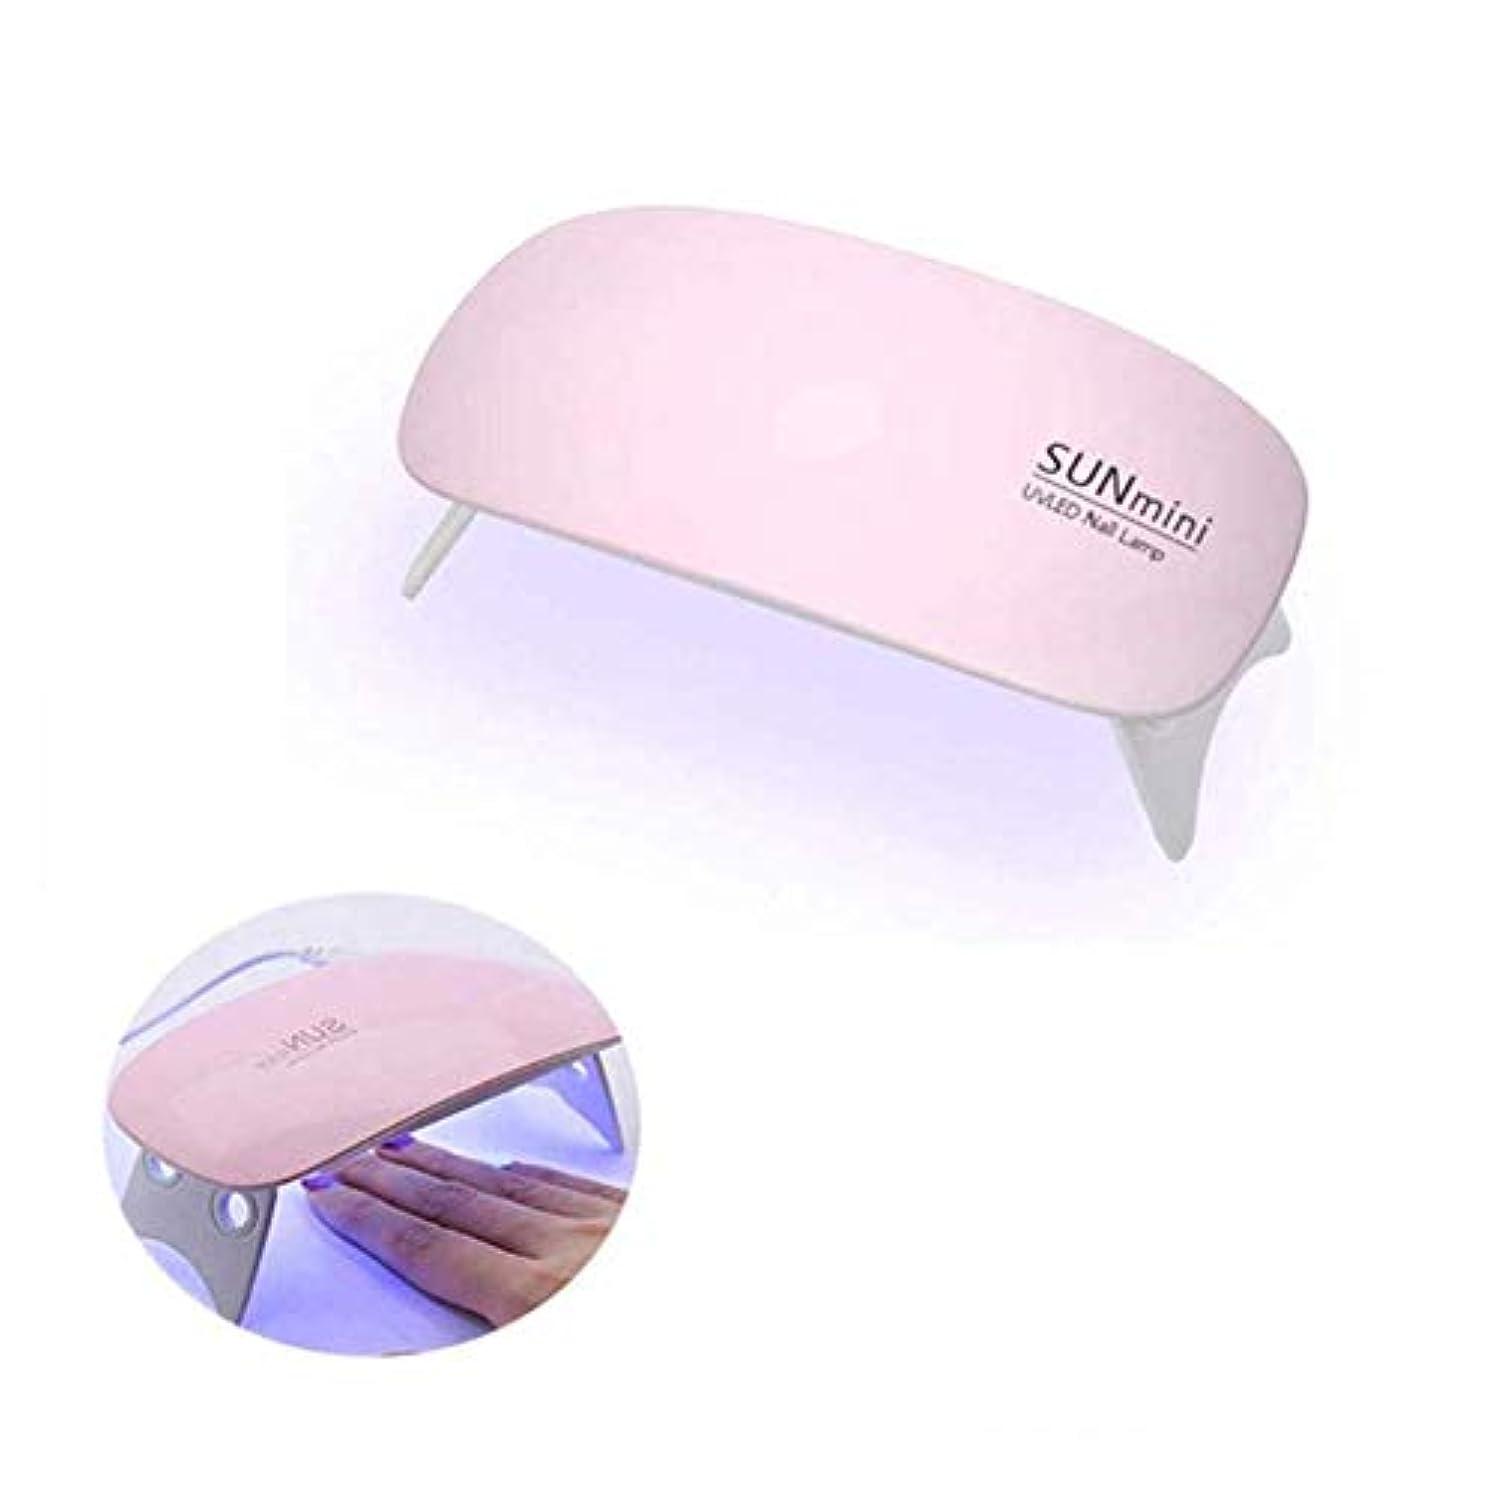 真実奇跡的な前置詞LEDネイルドライヤー 凝胶美甲灯 UVライト 折りたたみ式 設定可能 タイマー LED 硬化ライト 樹脂の道具 ピンク